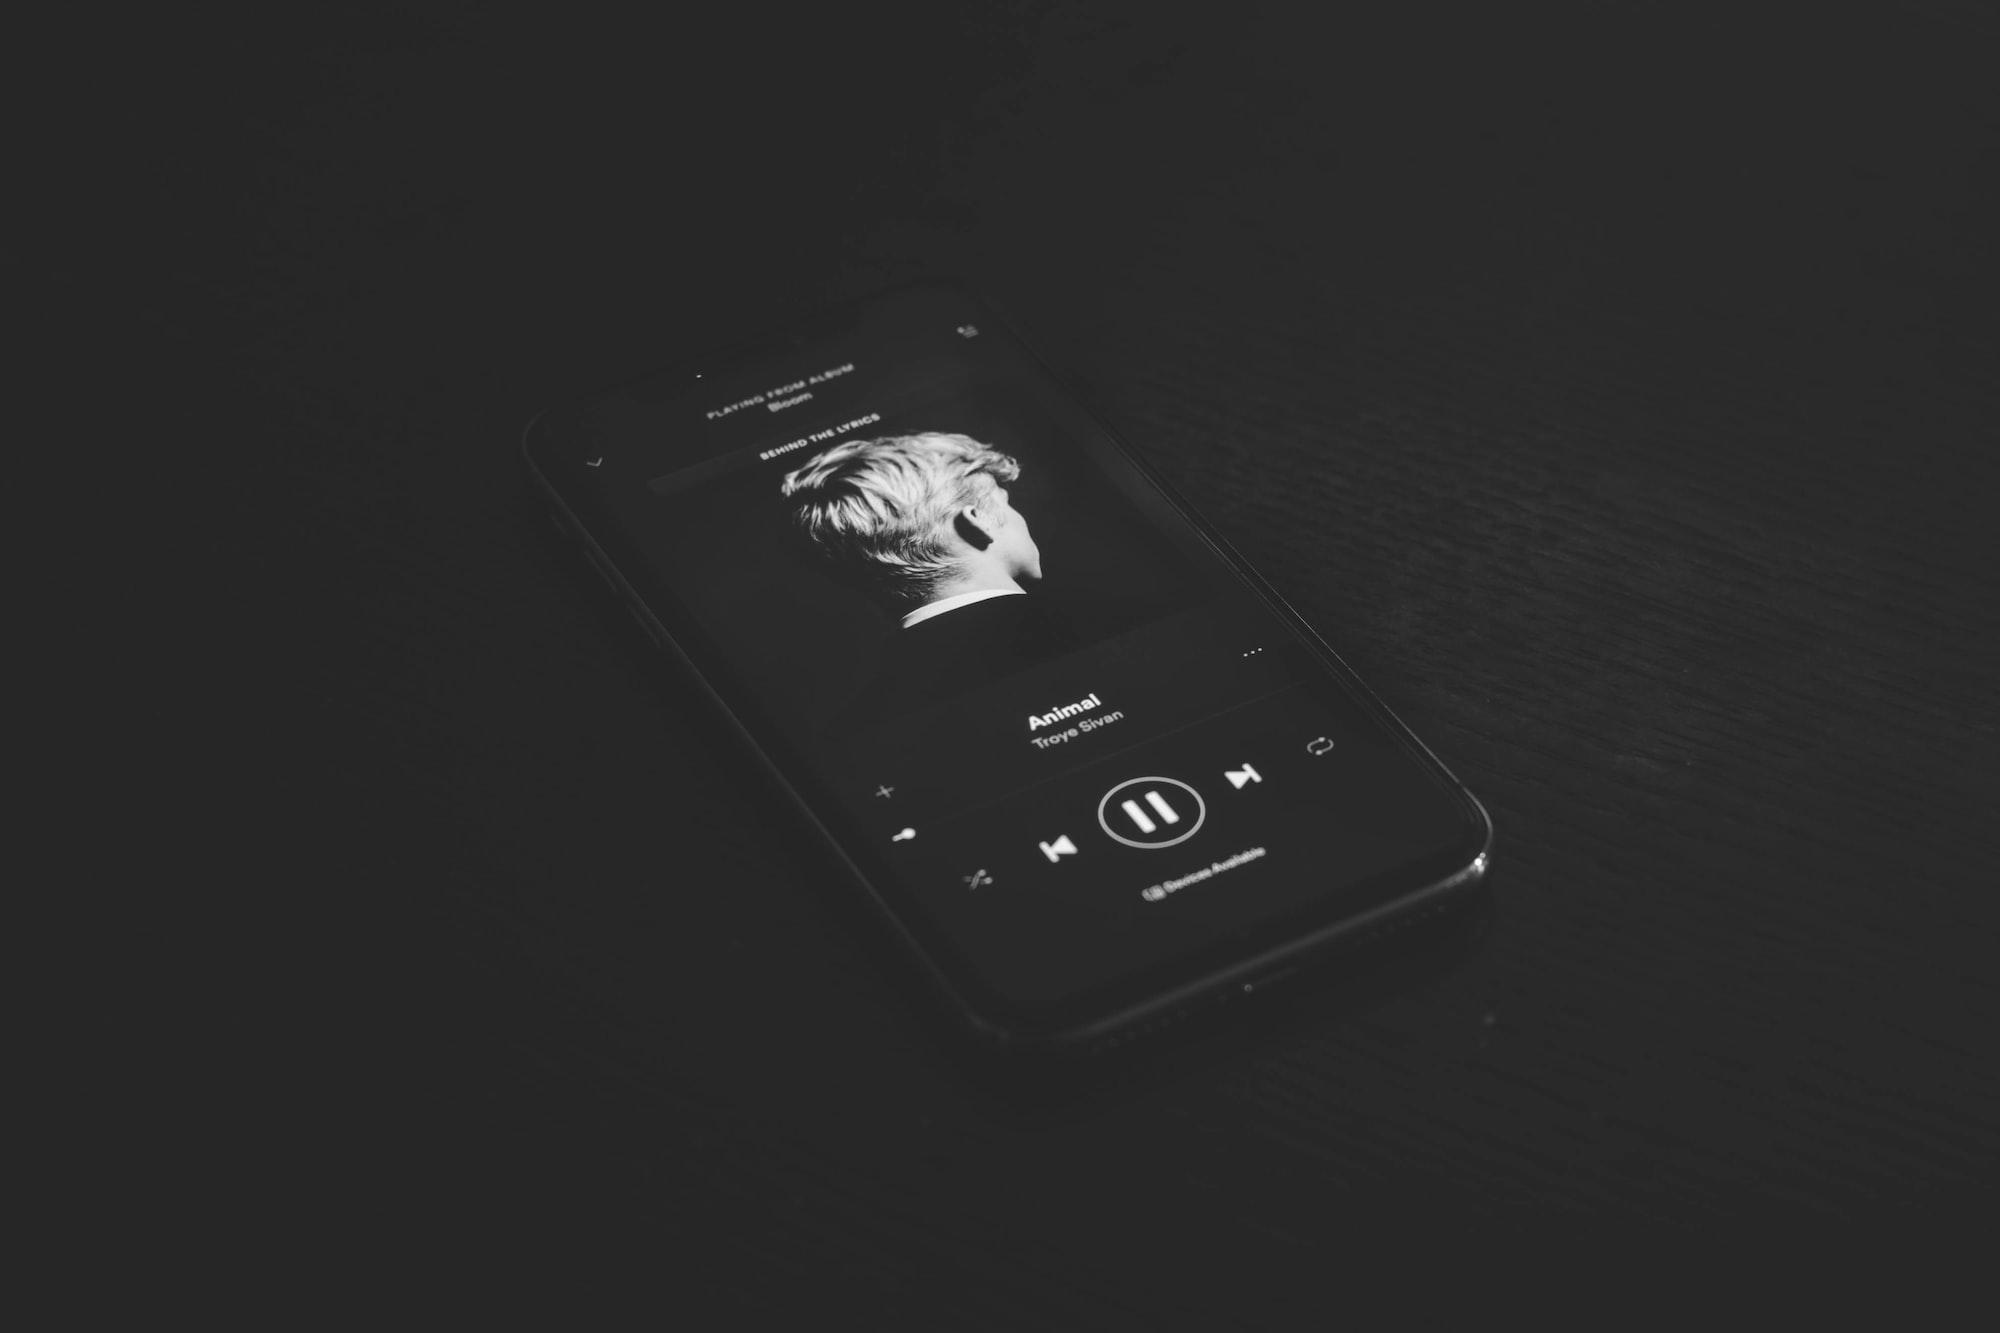 Пользователи жалуются, что Spotify быстро разряжает аккумулятор iPhone после обновления до iOS 15